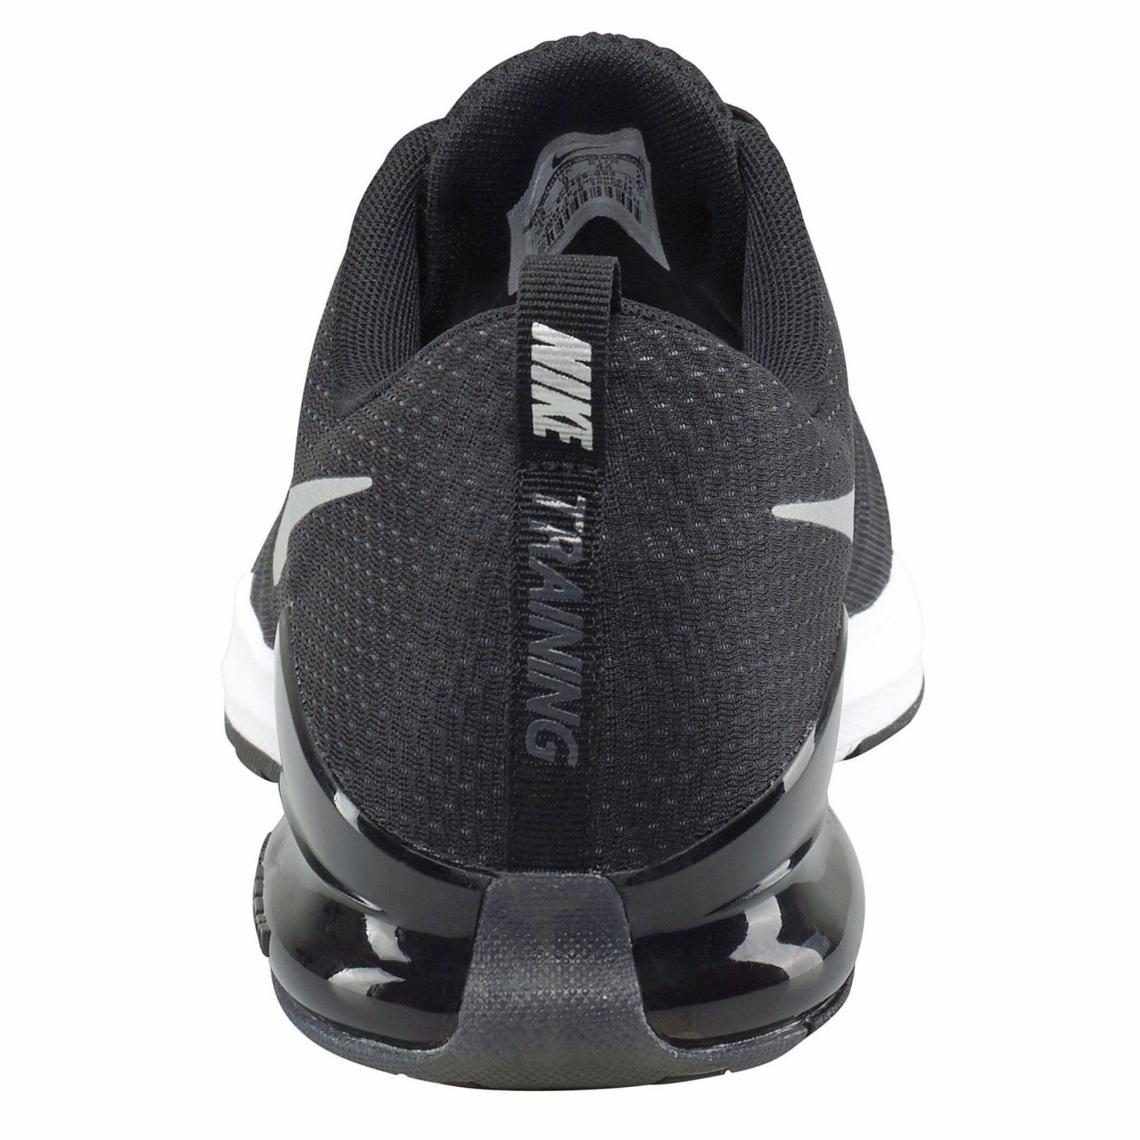 Sport De Chaussures Dynamik Nike Tr Noir Argenté Zoom Homme SqwXSzI